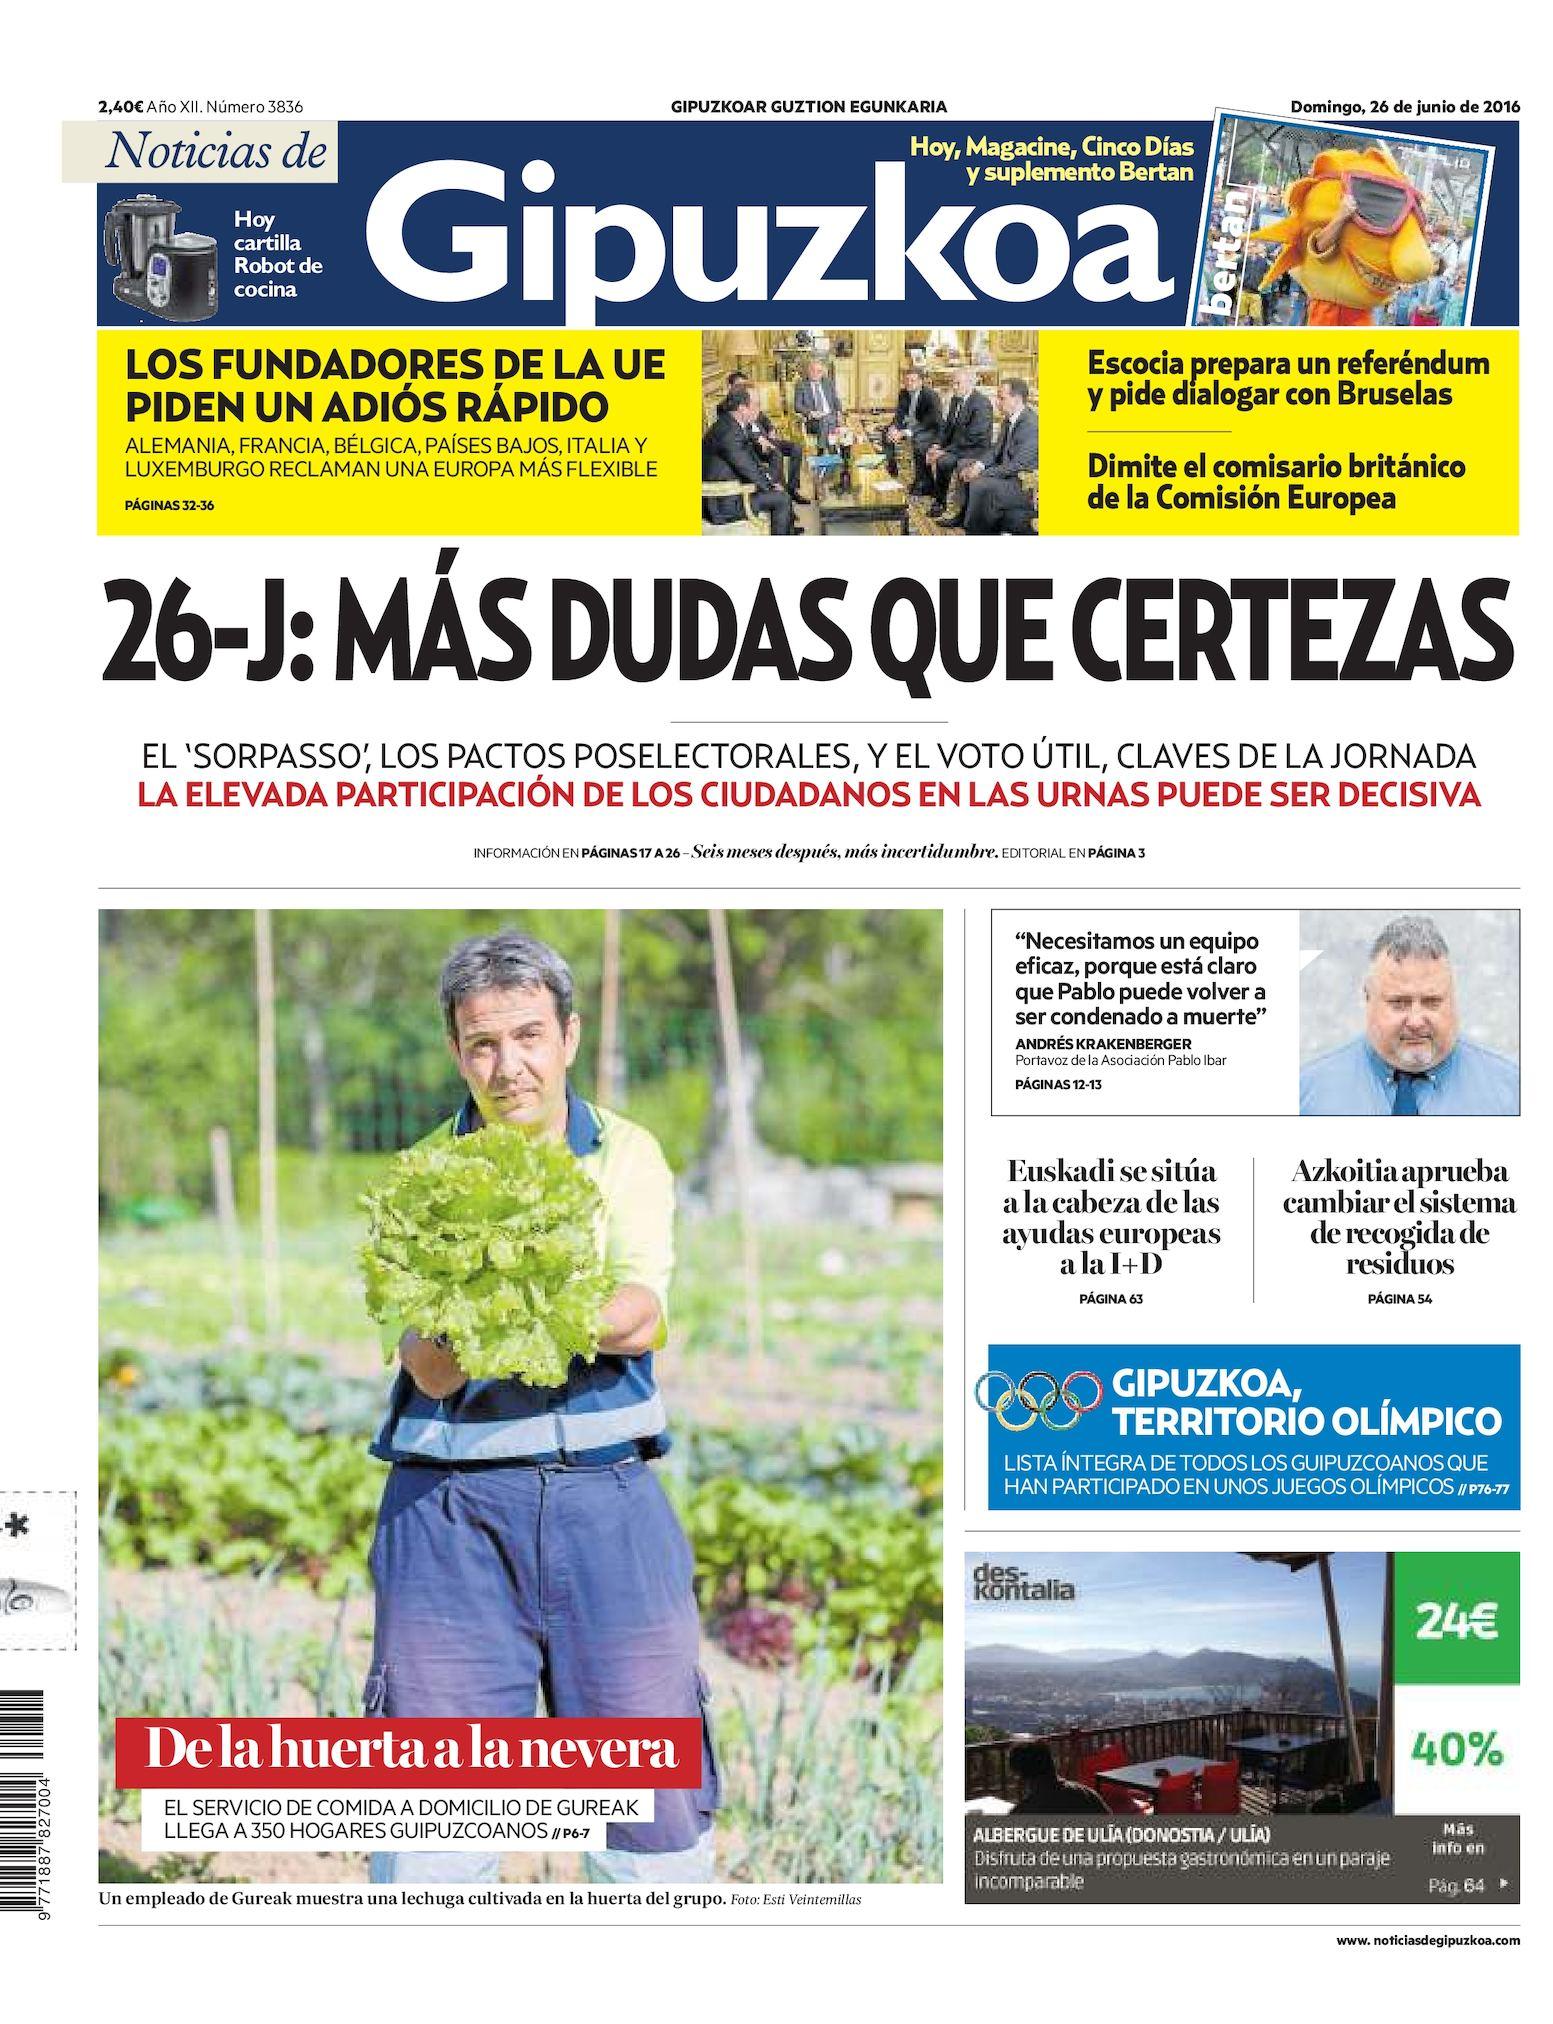 Calaméo Noticias Calaméo Gipuzkoa Noticias De Calaméo 20160626 De 20160626 Gipuzkoa 43jLq5AR